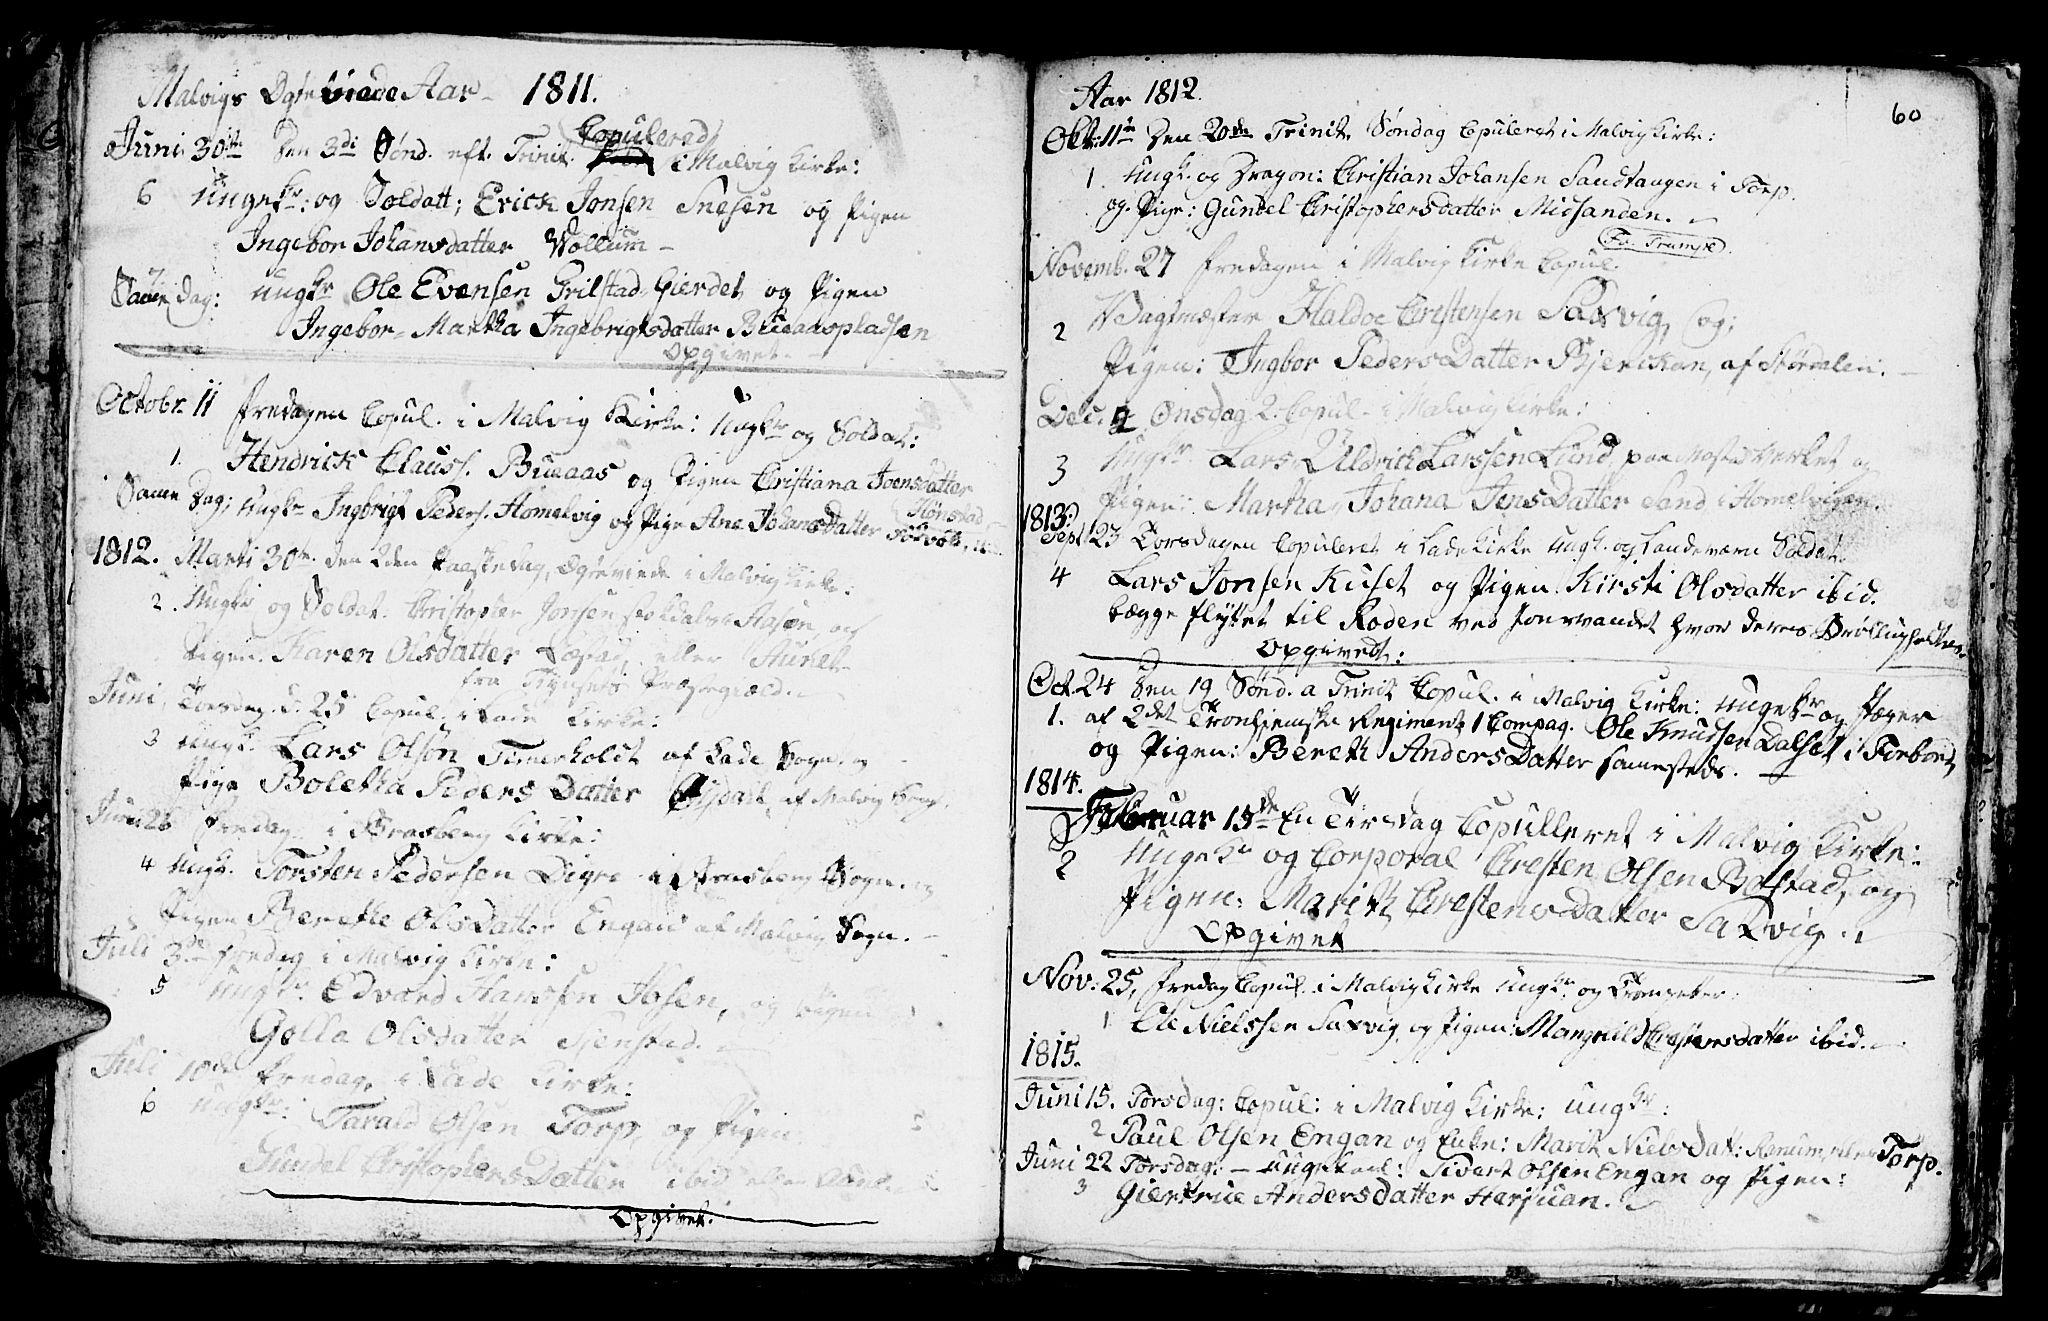 SAT, Ministerialprotokoller, klokkerbøker og fødselsregistre - Sør-Trøndelag, 616/L0419: Klokkerbok nr. 616C02, 1797-1816, s. 60